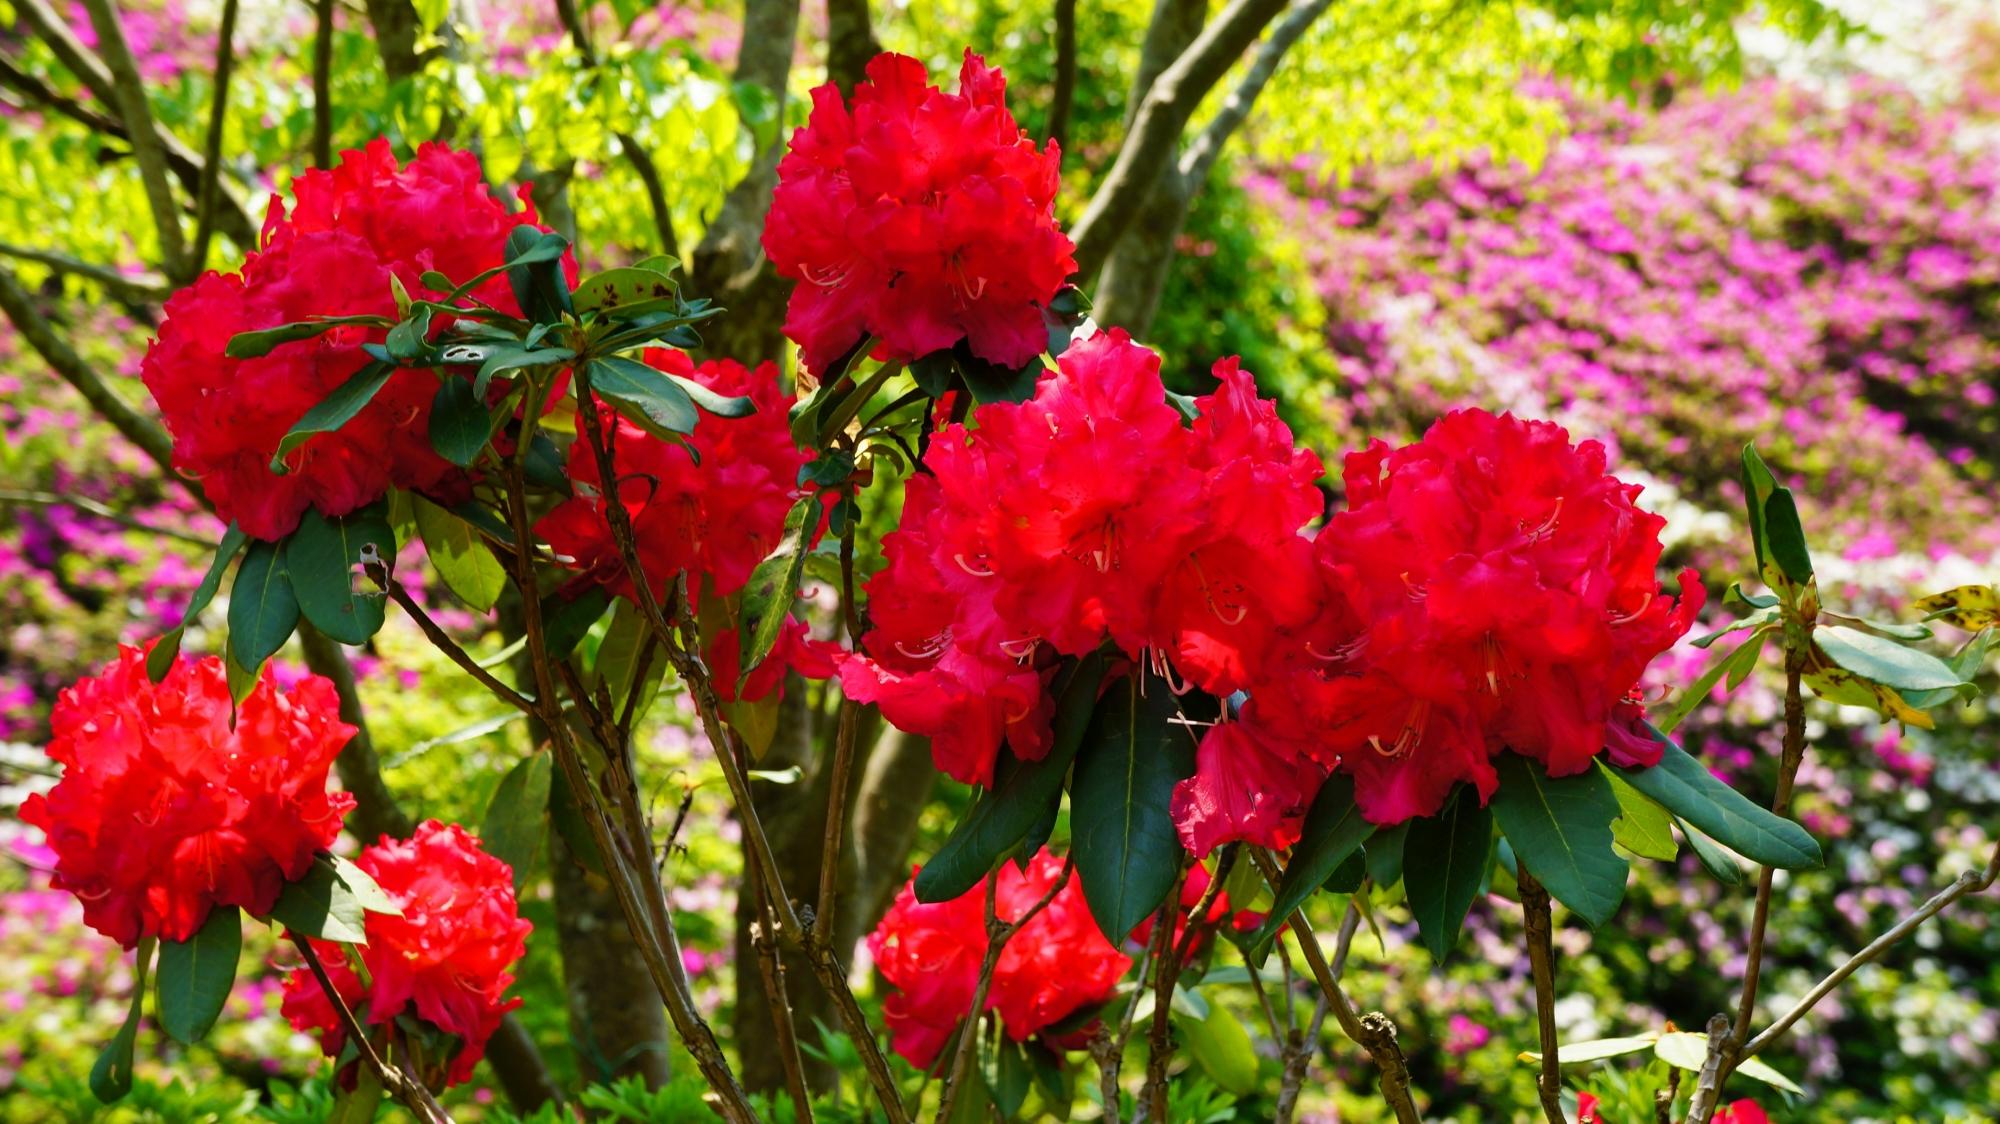 紫のツツジを背景にした満開の赤い石楠花